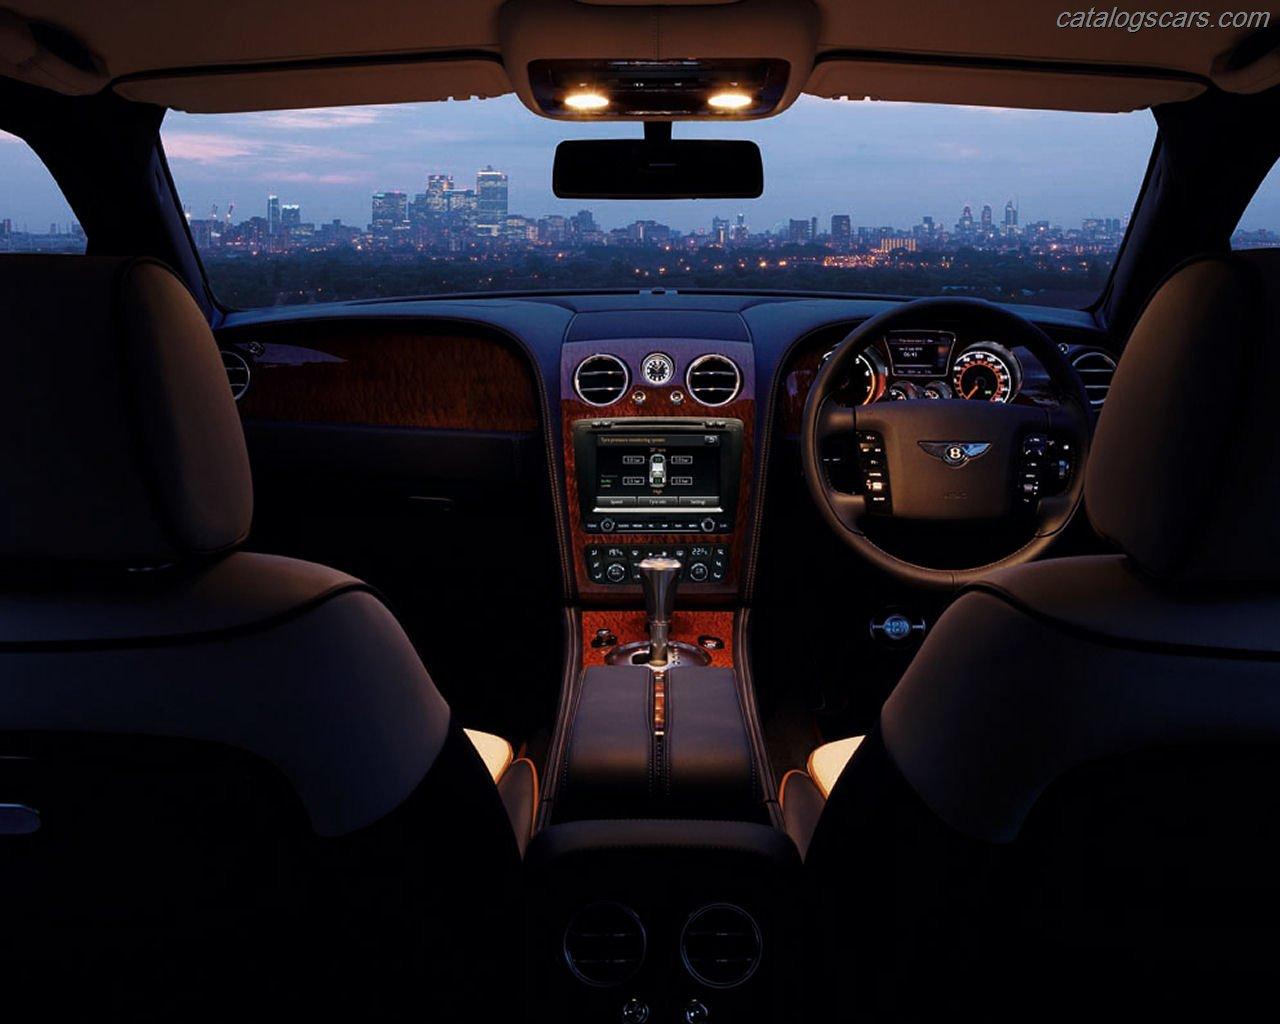 صور سيارة بنتلى كونتيننتال سيريس 51 2012 - اجمل خلفيات صور عربية بنتلى كونتيننتال سيريس 51 2012 - Bentley Continental Series 51 Photos Bentley-Continental-Series-51-2011-14.jpg